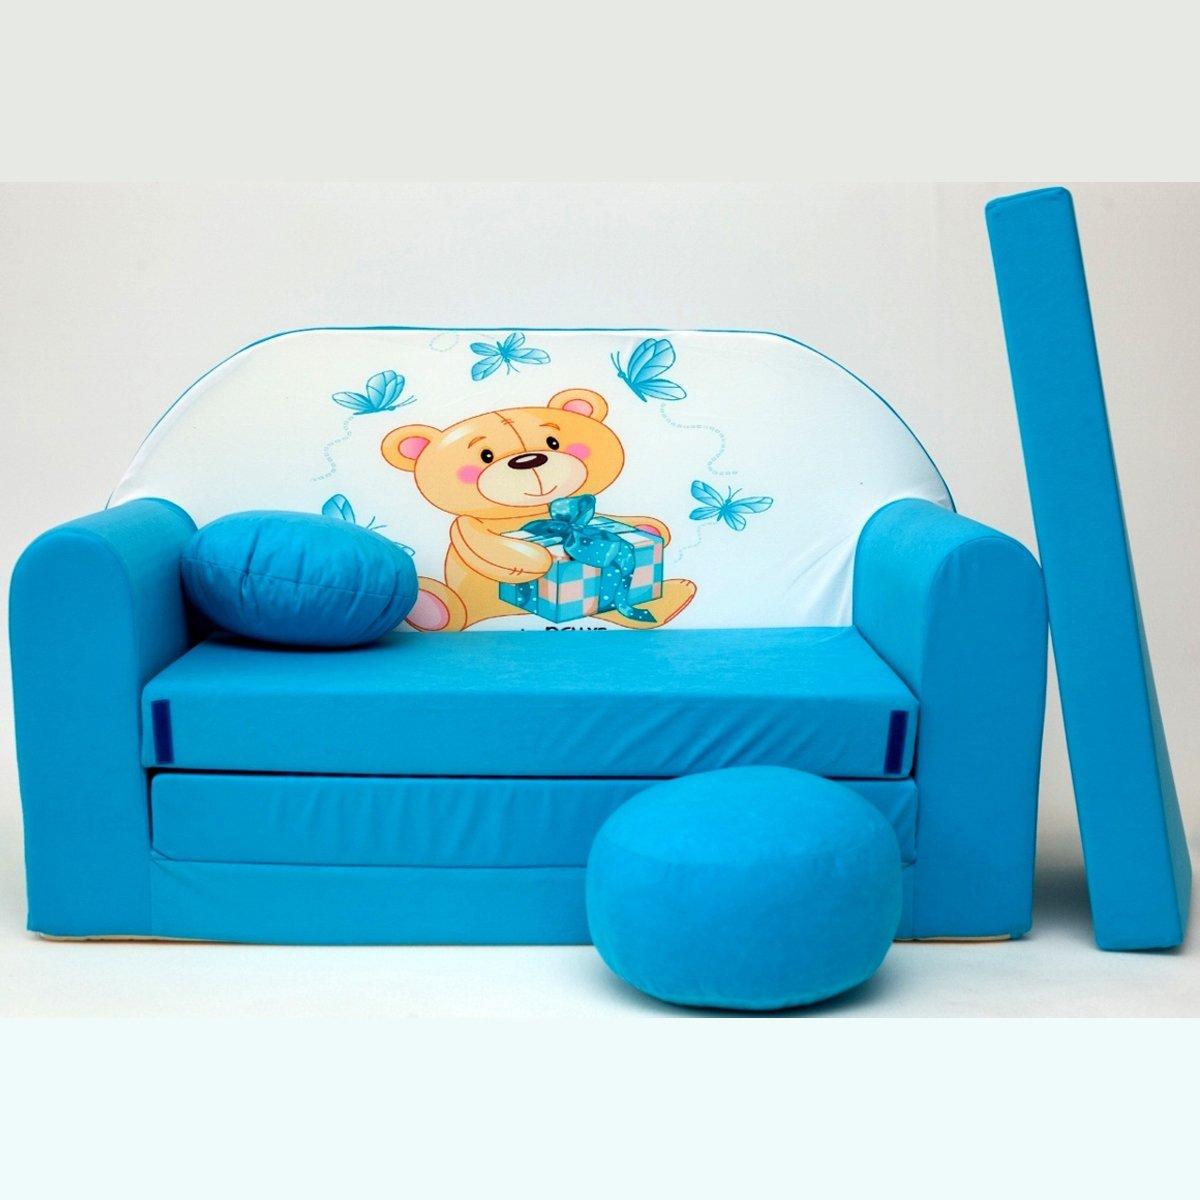 Kindersofa Spielsofa Minicouch aus Schaum Kindersessel Kissen Matratze Farbwahl 35